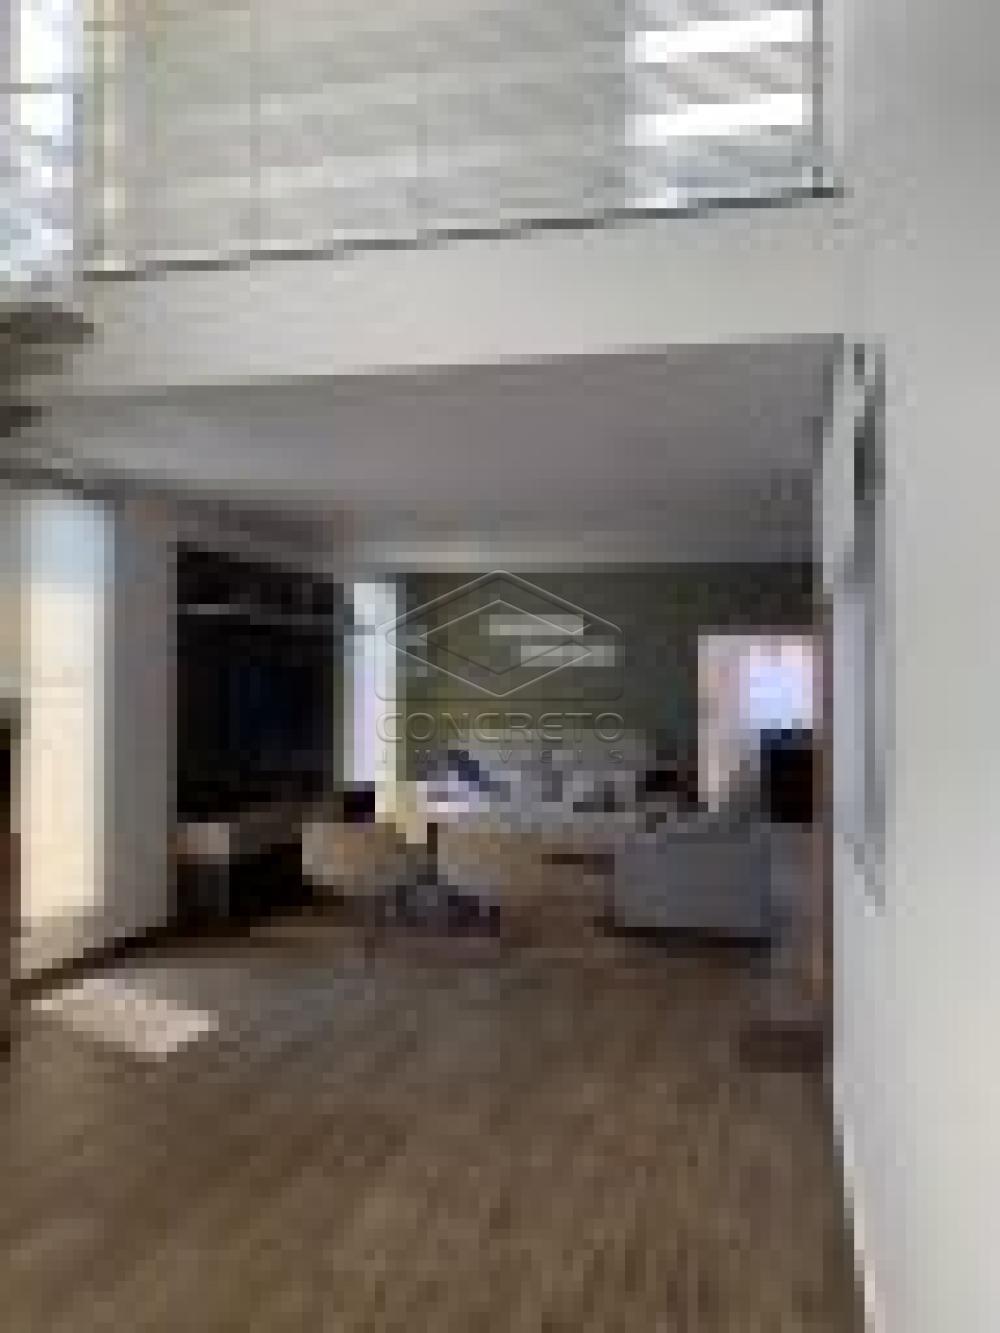 Comprar Casa / Padrão em Sao Manuel apenas R$ 650.000,00 - Foto 129